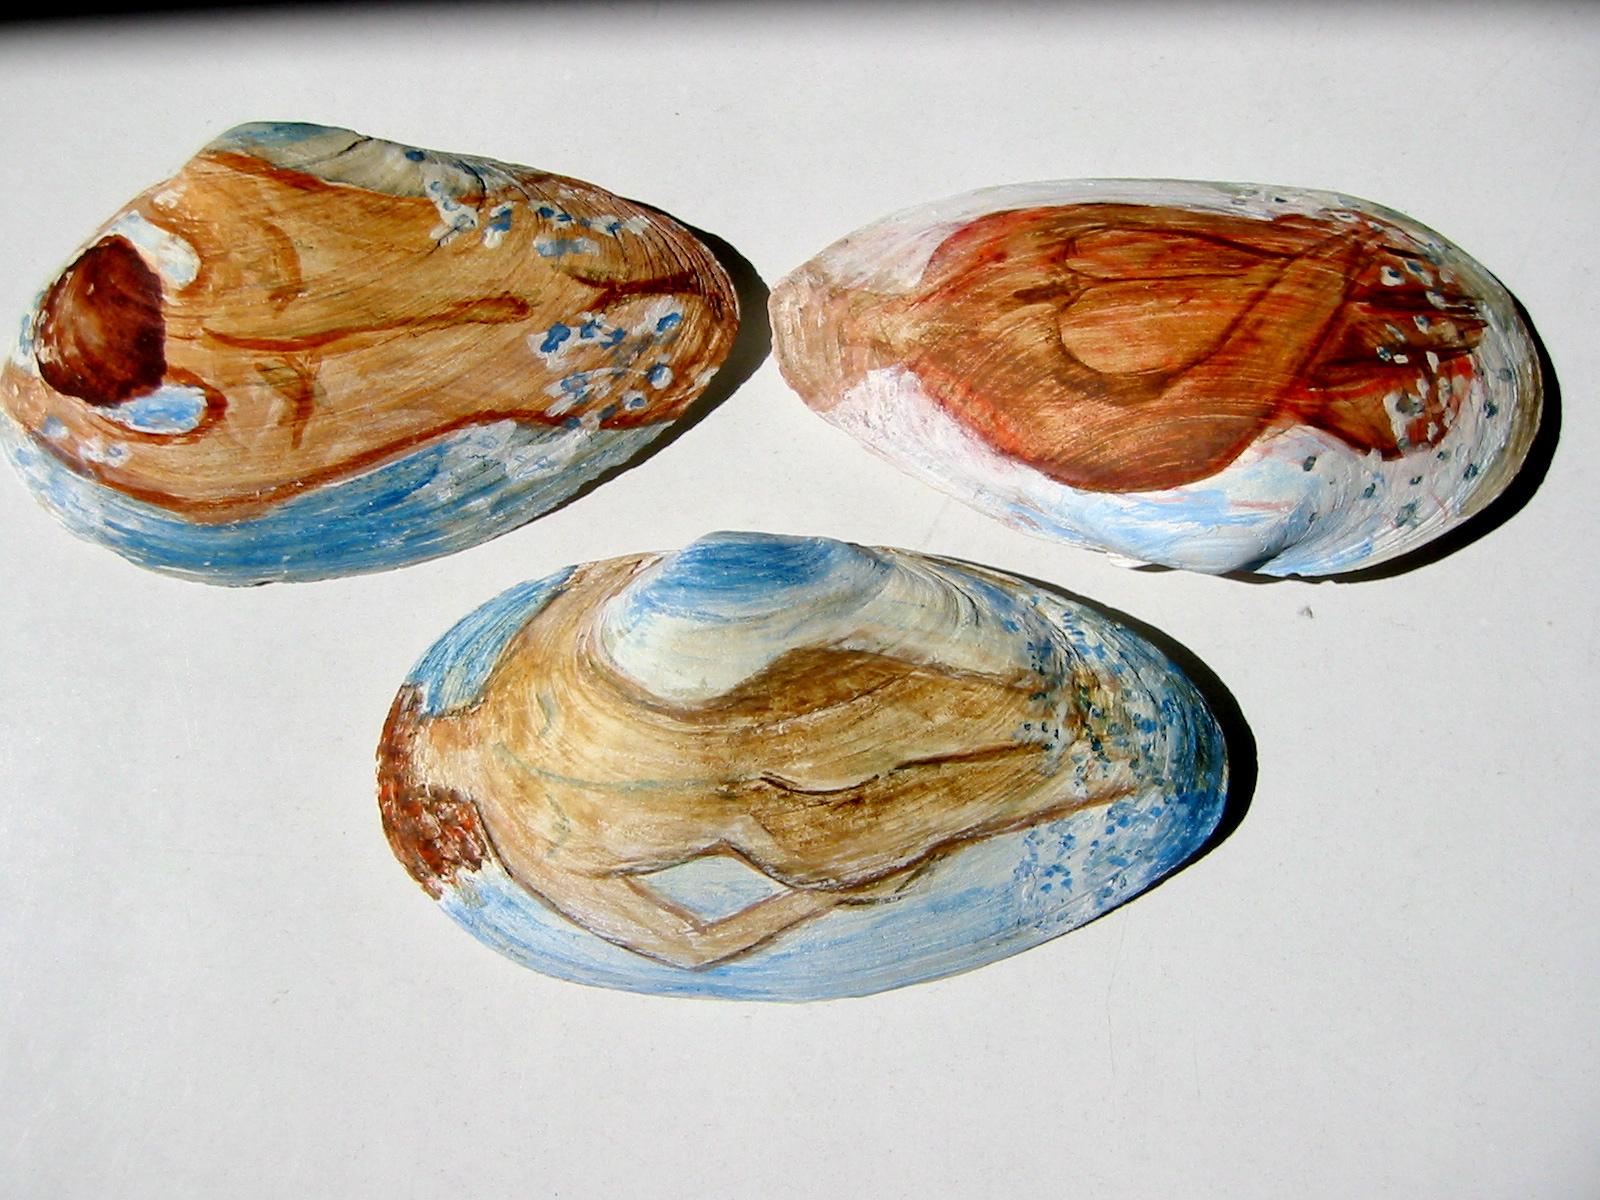 Muschelbilder